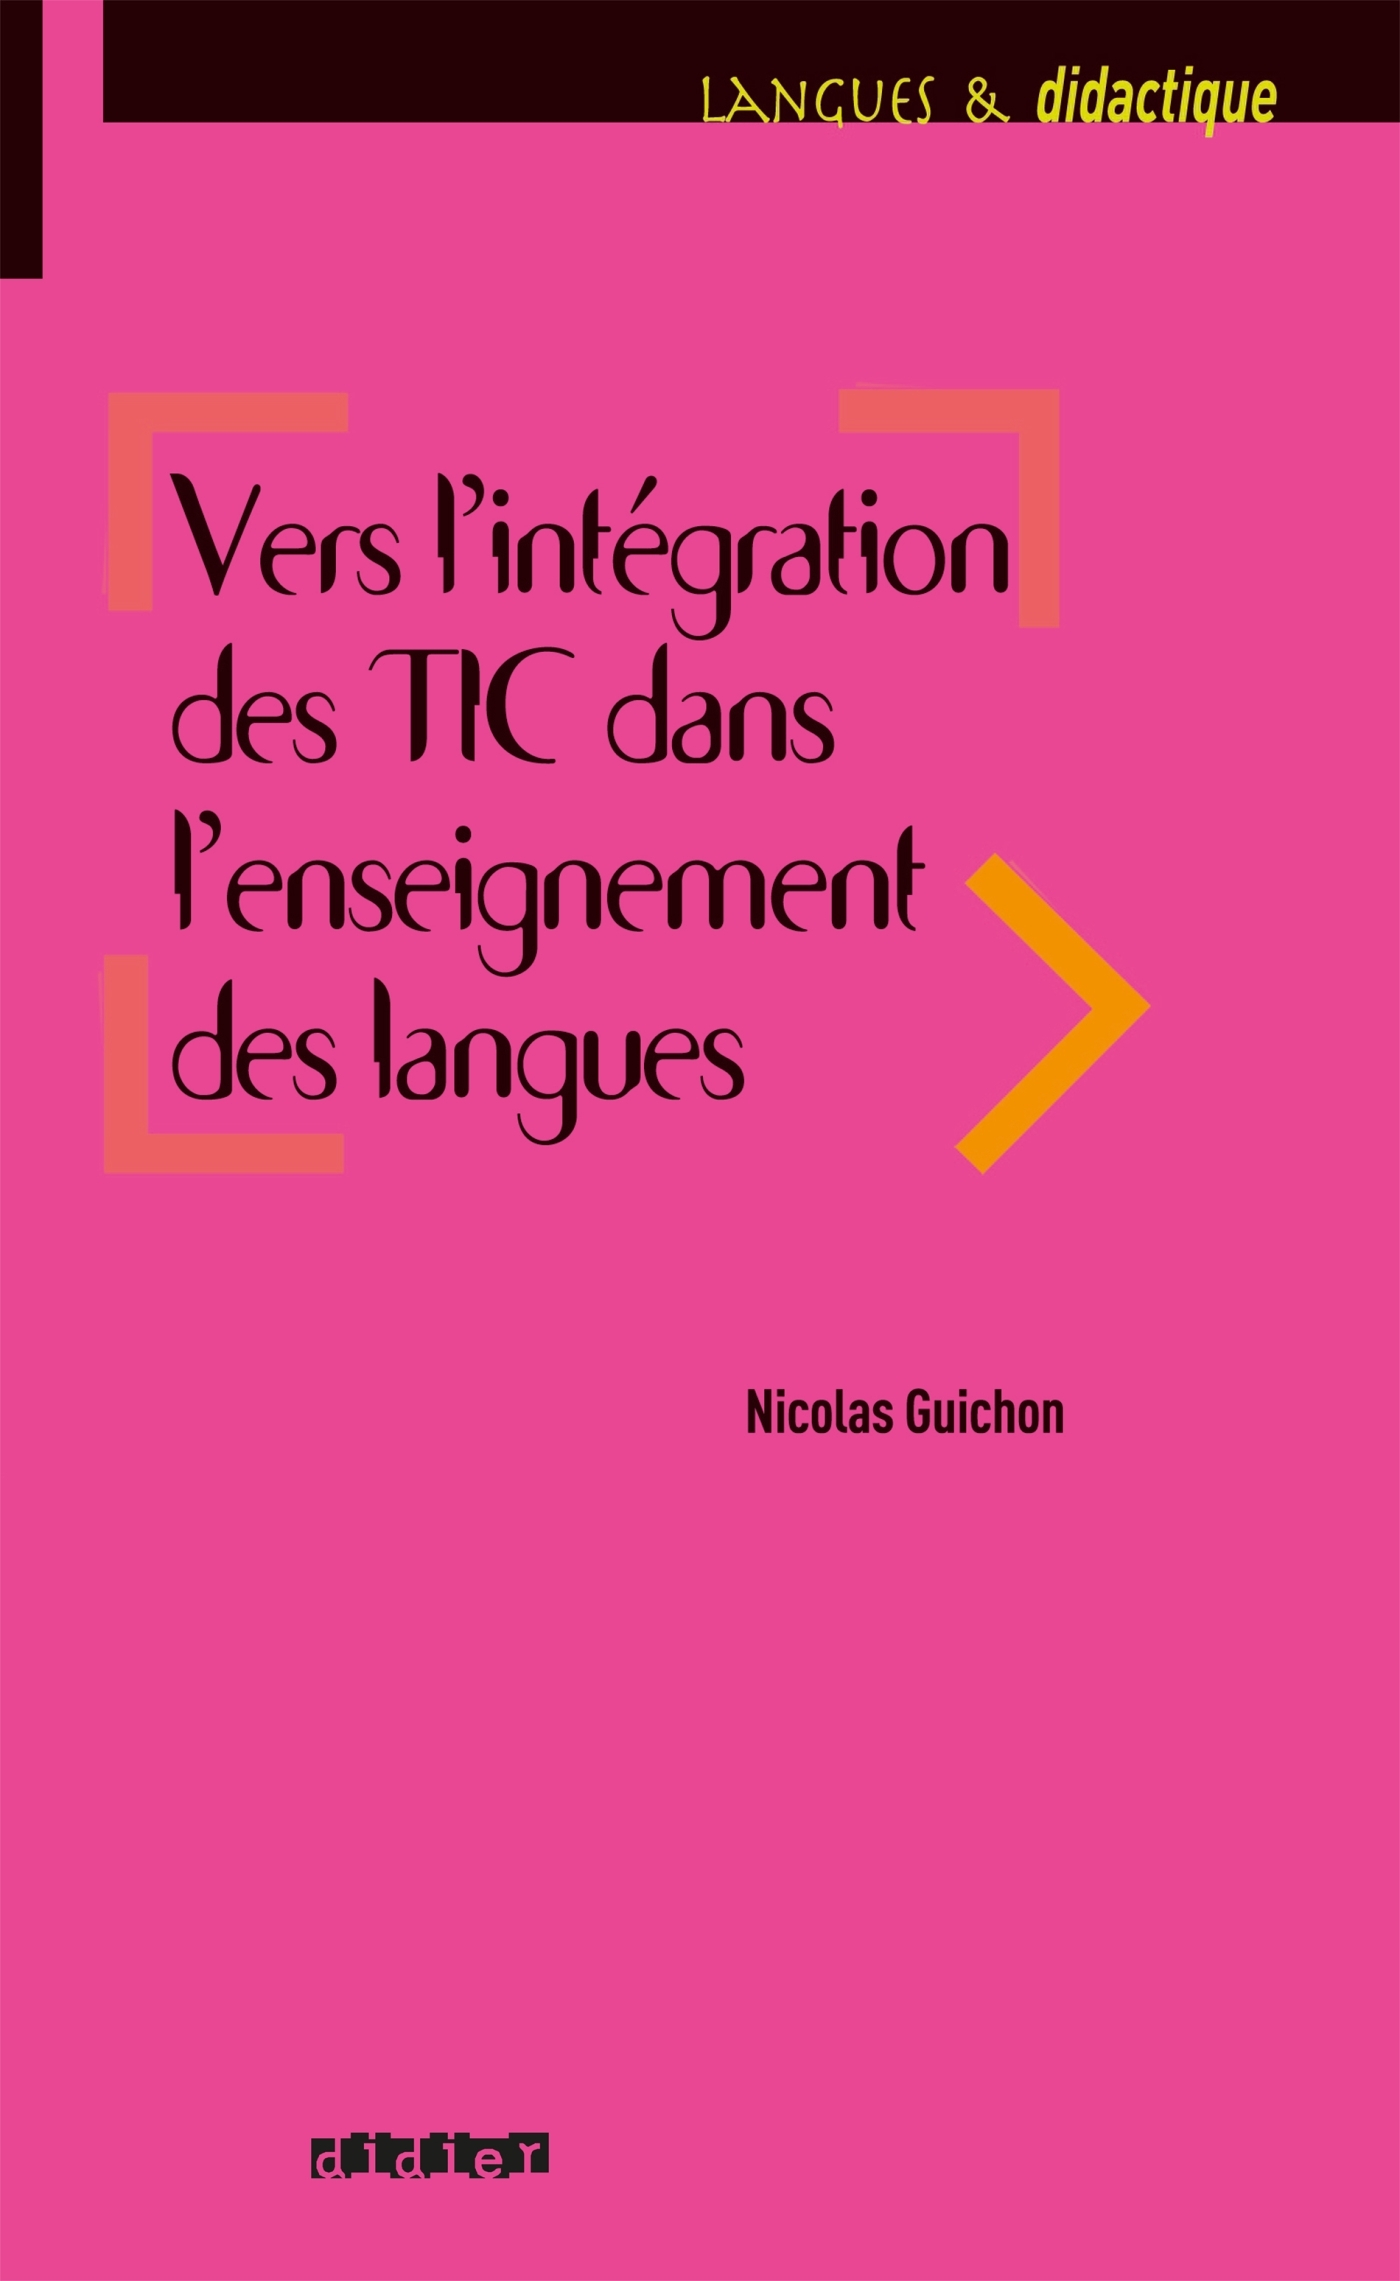 VERS L'INTEGRATION DES TIC DANS L'ENSEIGNEMENT DES LANGUES